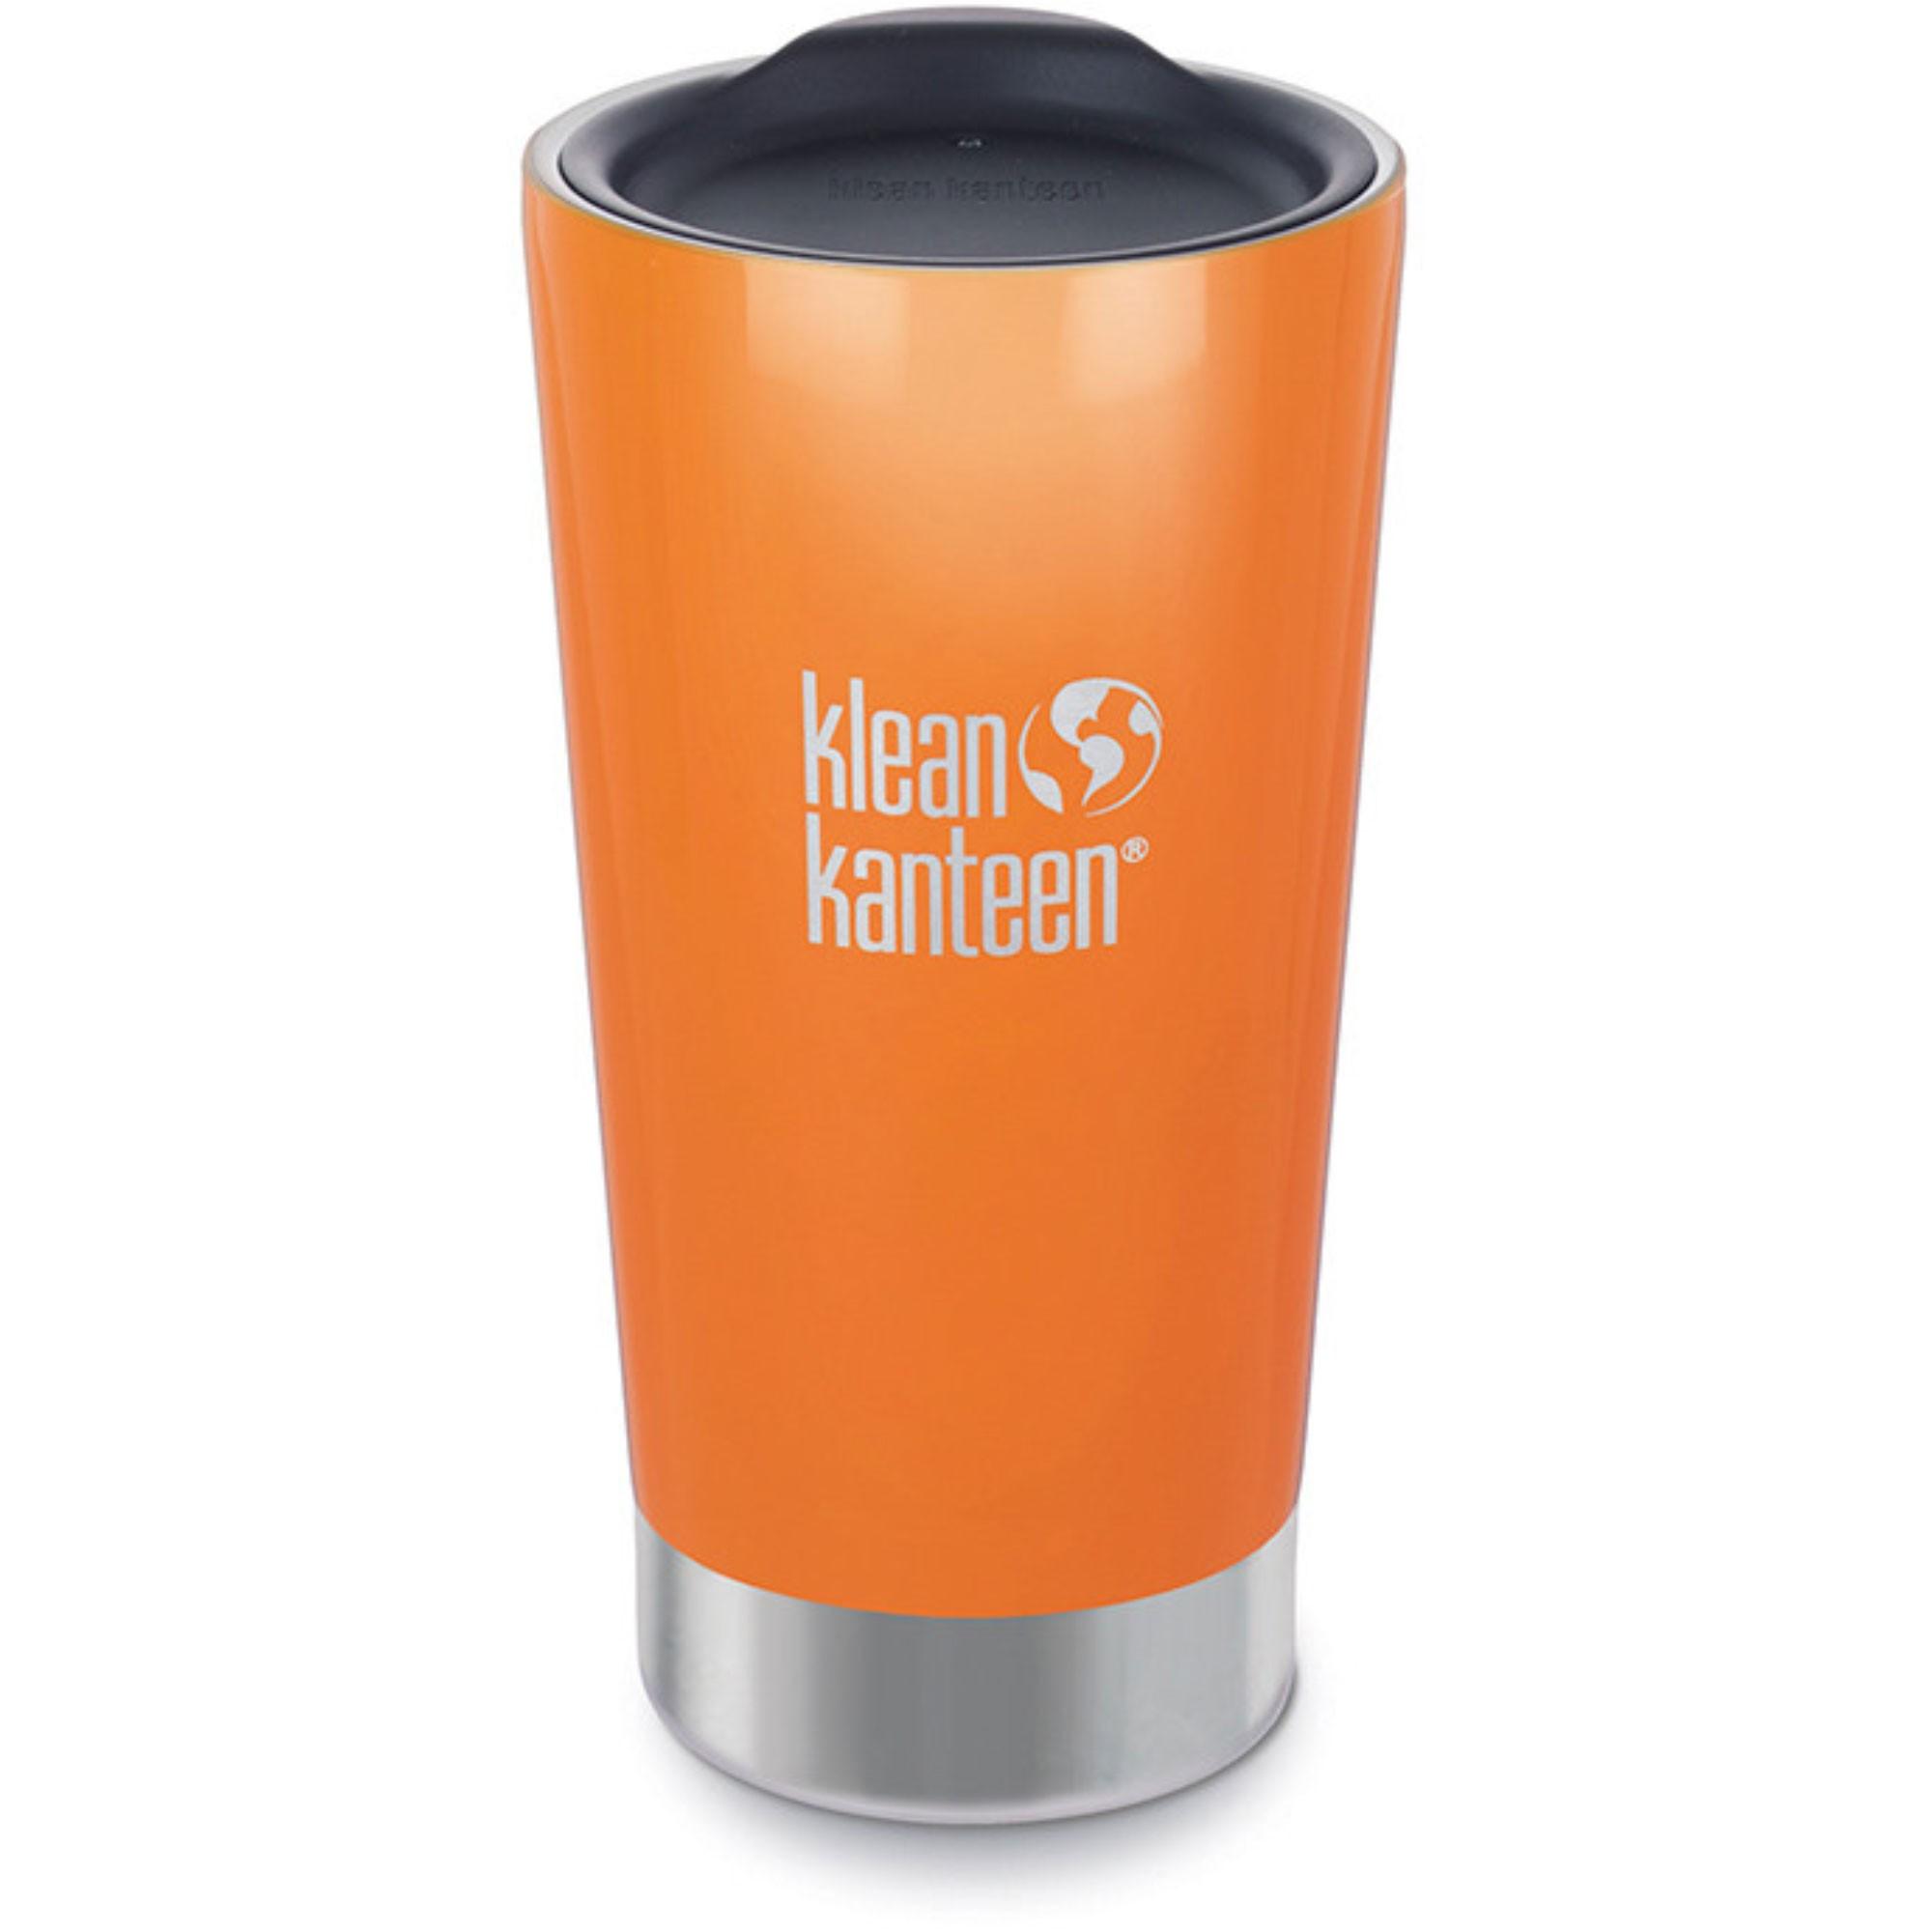 KLEAN KANTEEN - Insulated Tumbler - 473ml - Canyon Orange